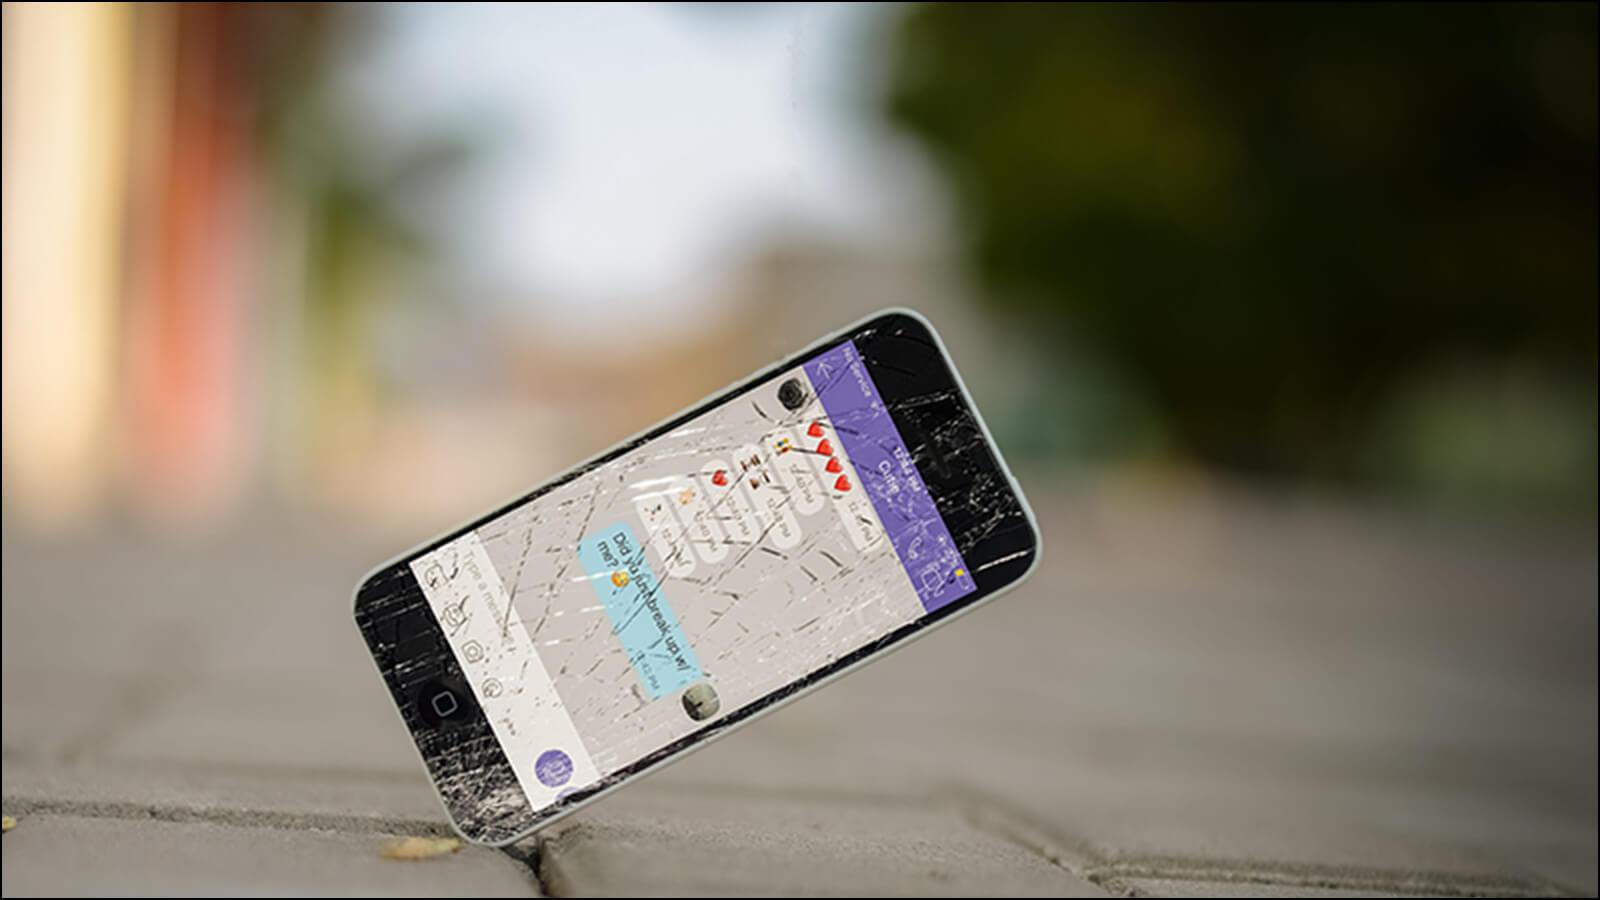 iPhone画面割れ。日常茶飯事のこの現象と我々はどう向き合えばいいのか。